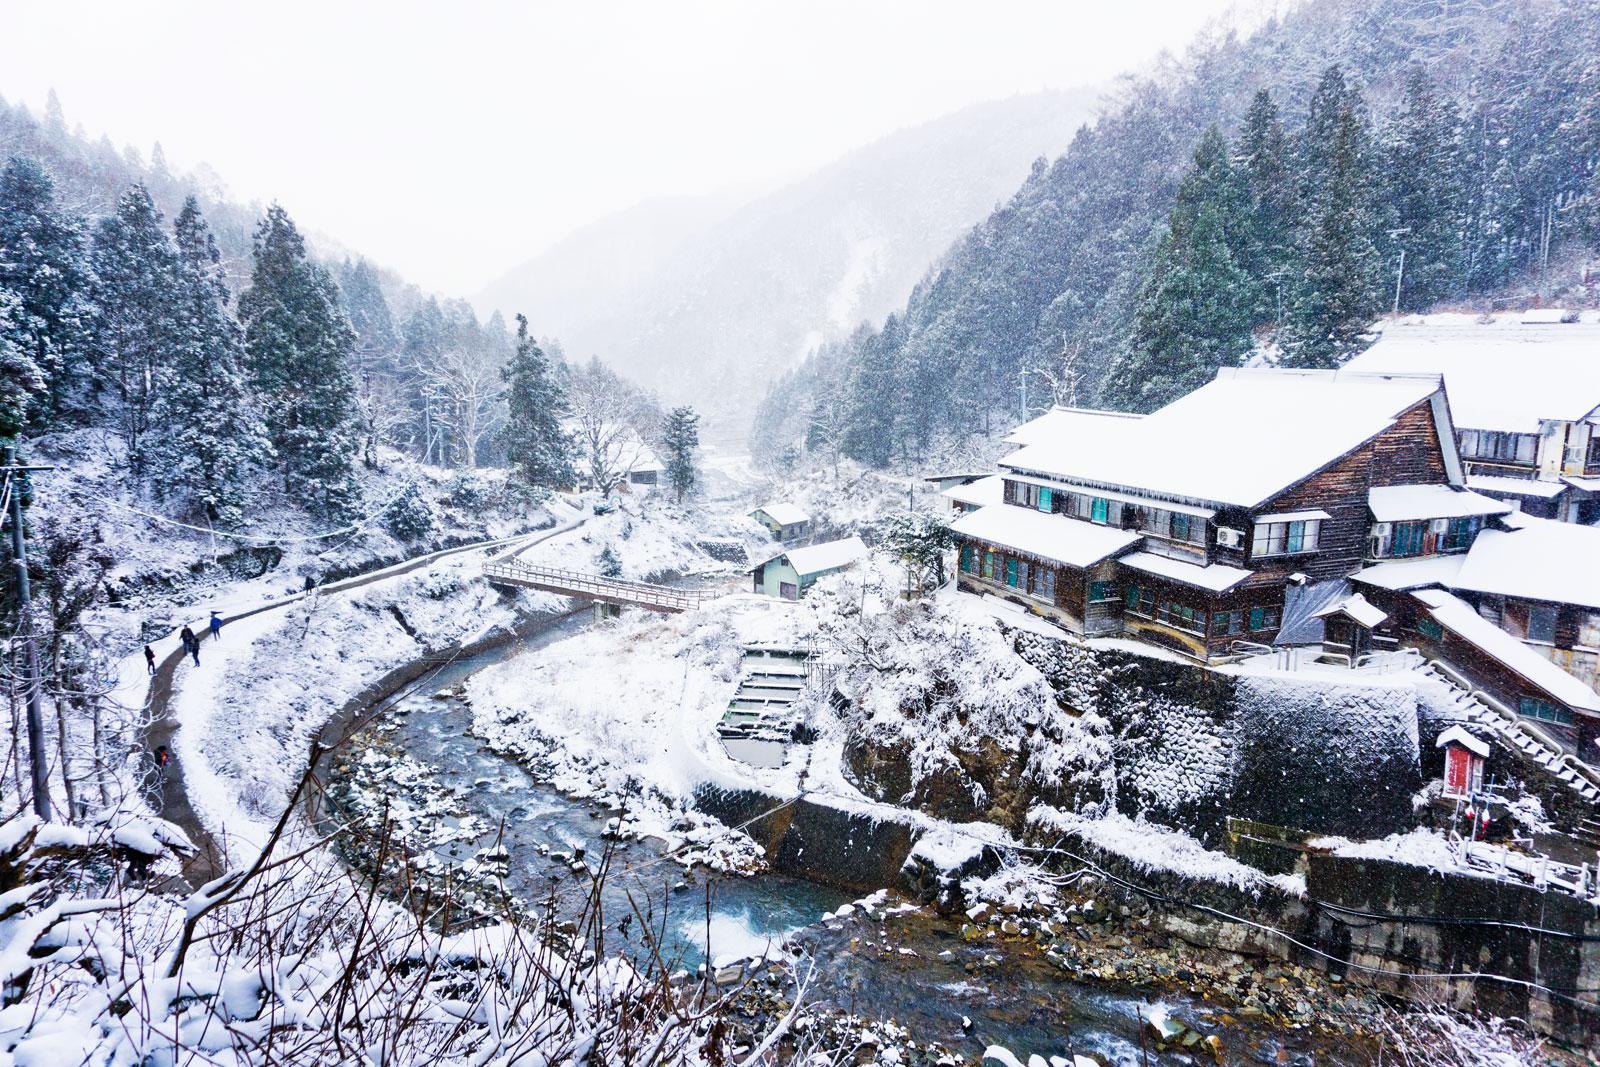 Japan Nagano snow mountains